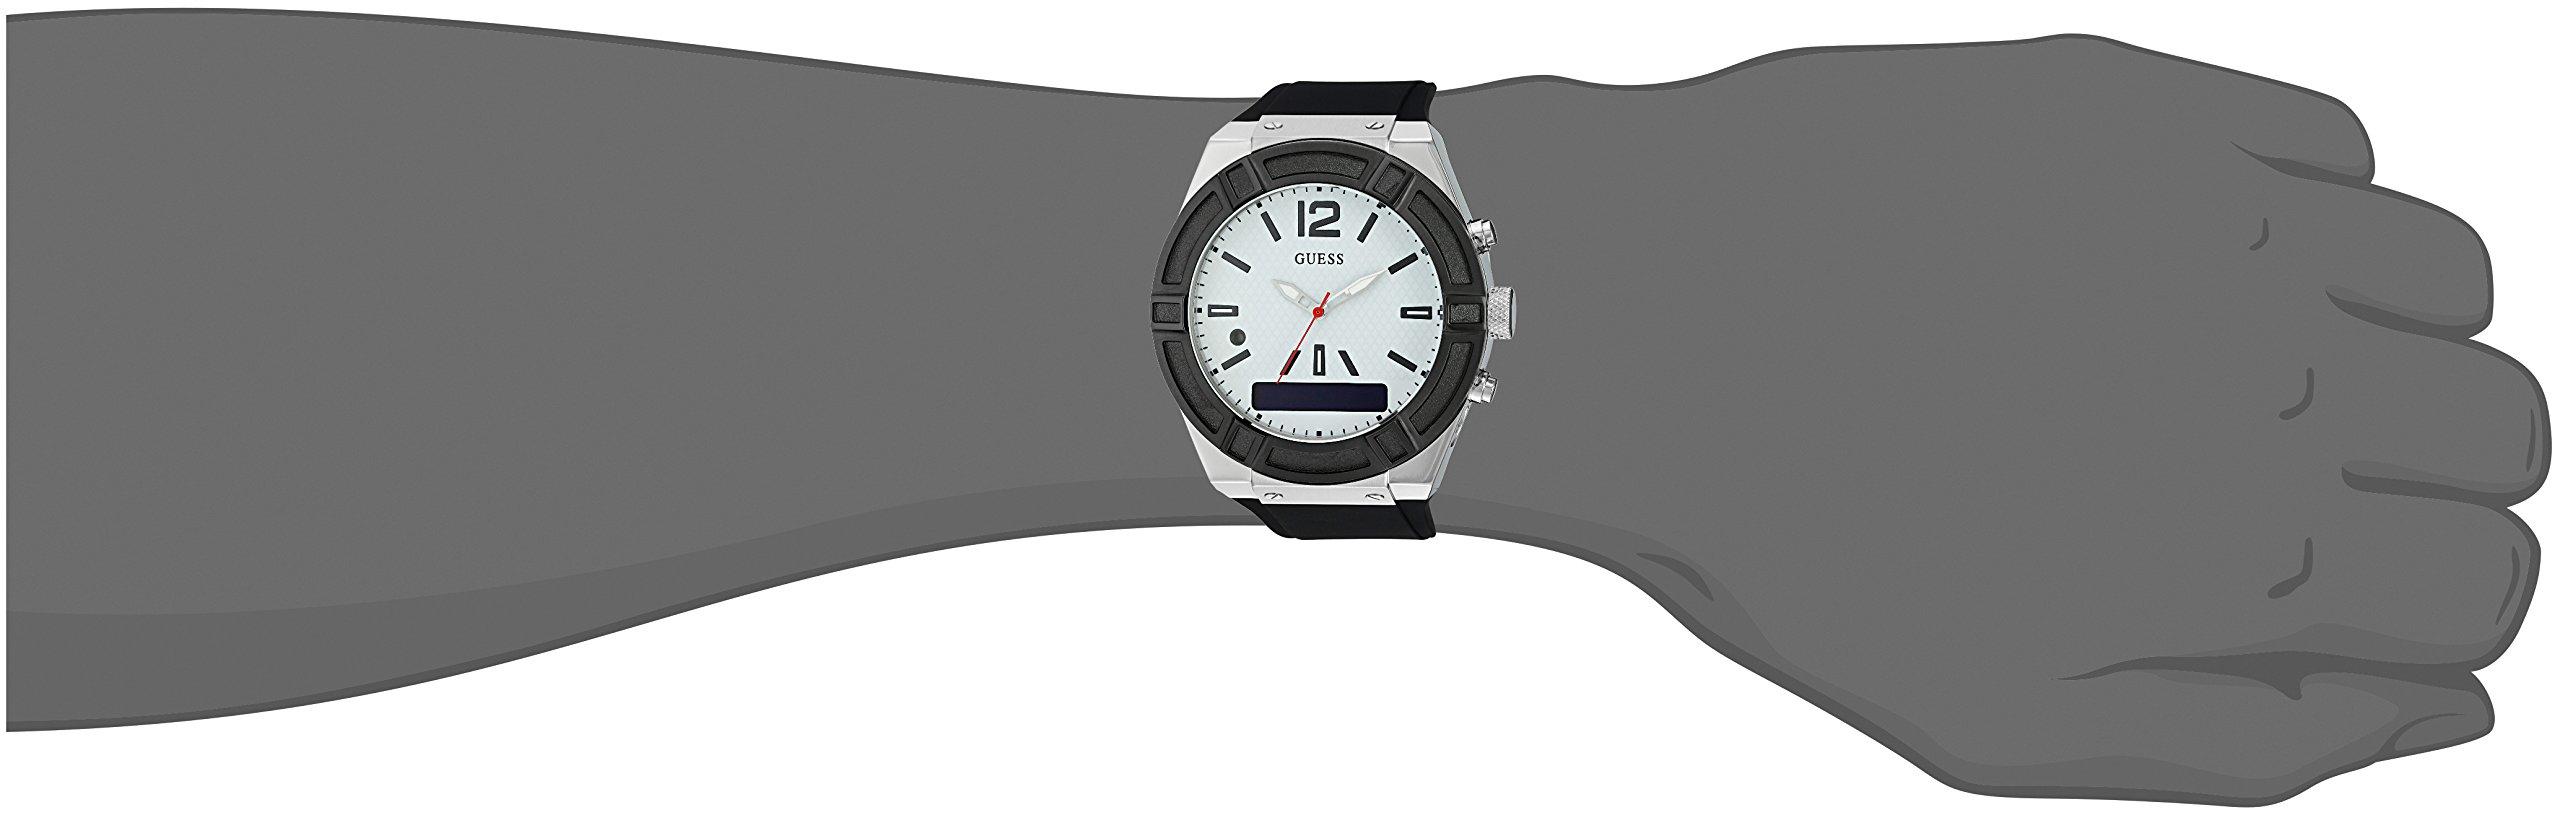 Guess C0001G4 – Reloj analógico Digital de Cuarzo con Correa de